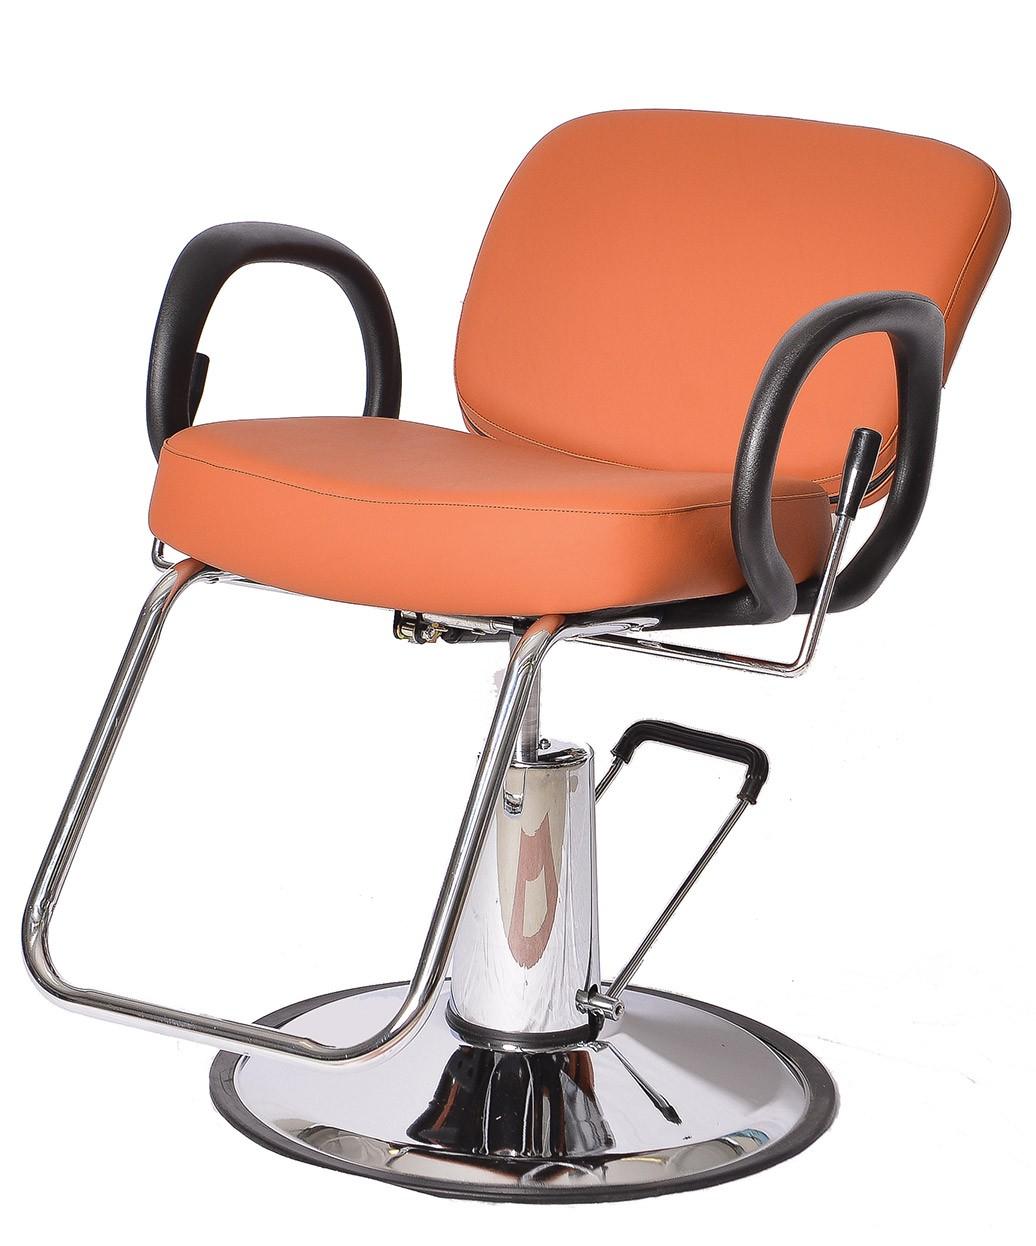 Pibbs 5446 Loop All Purpose Chair